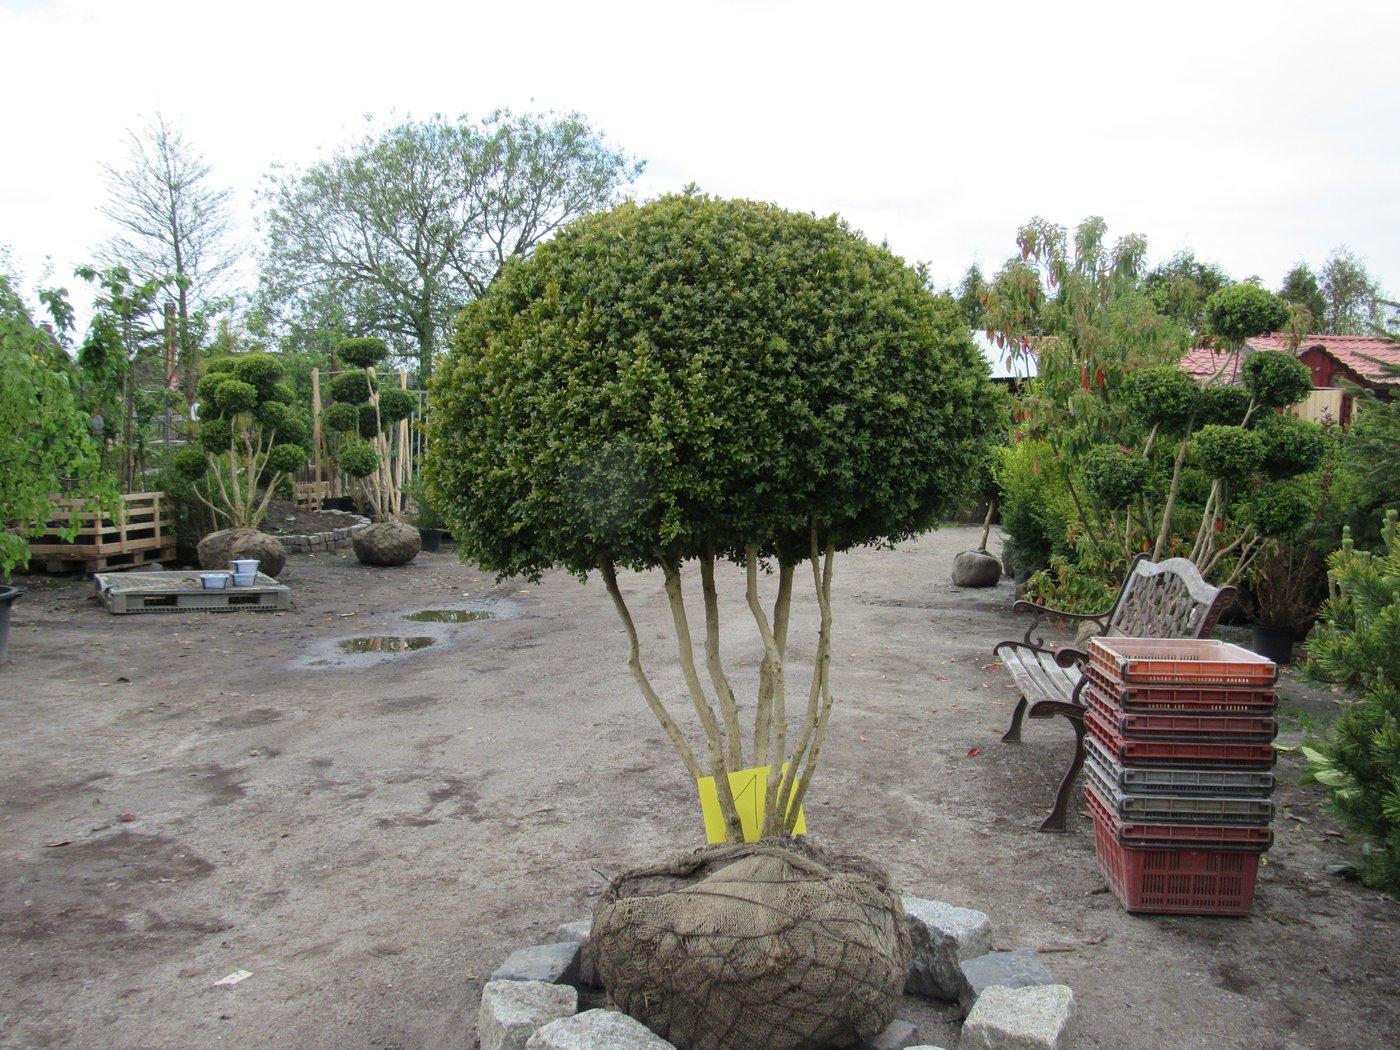 Wei holziger buchsbaum sempervirens arborescens als formschnitt pilz pilz nr 1 der - Buchsbaum formschnitt ...